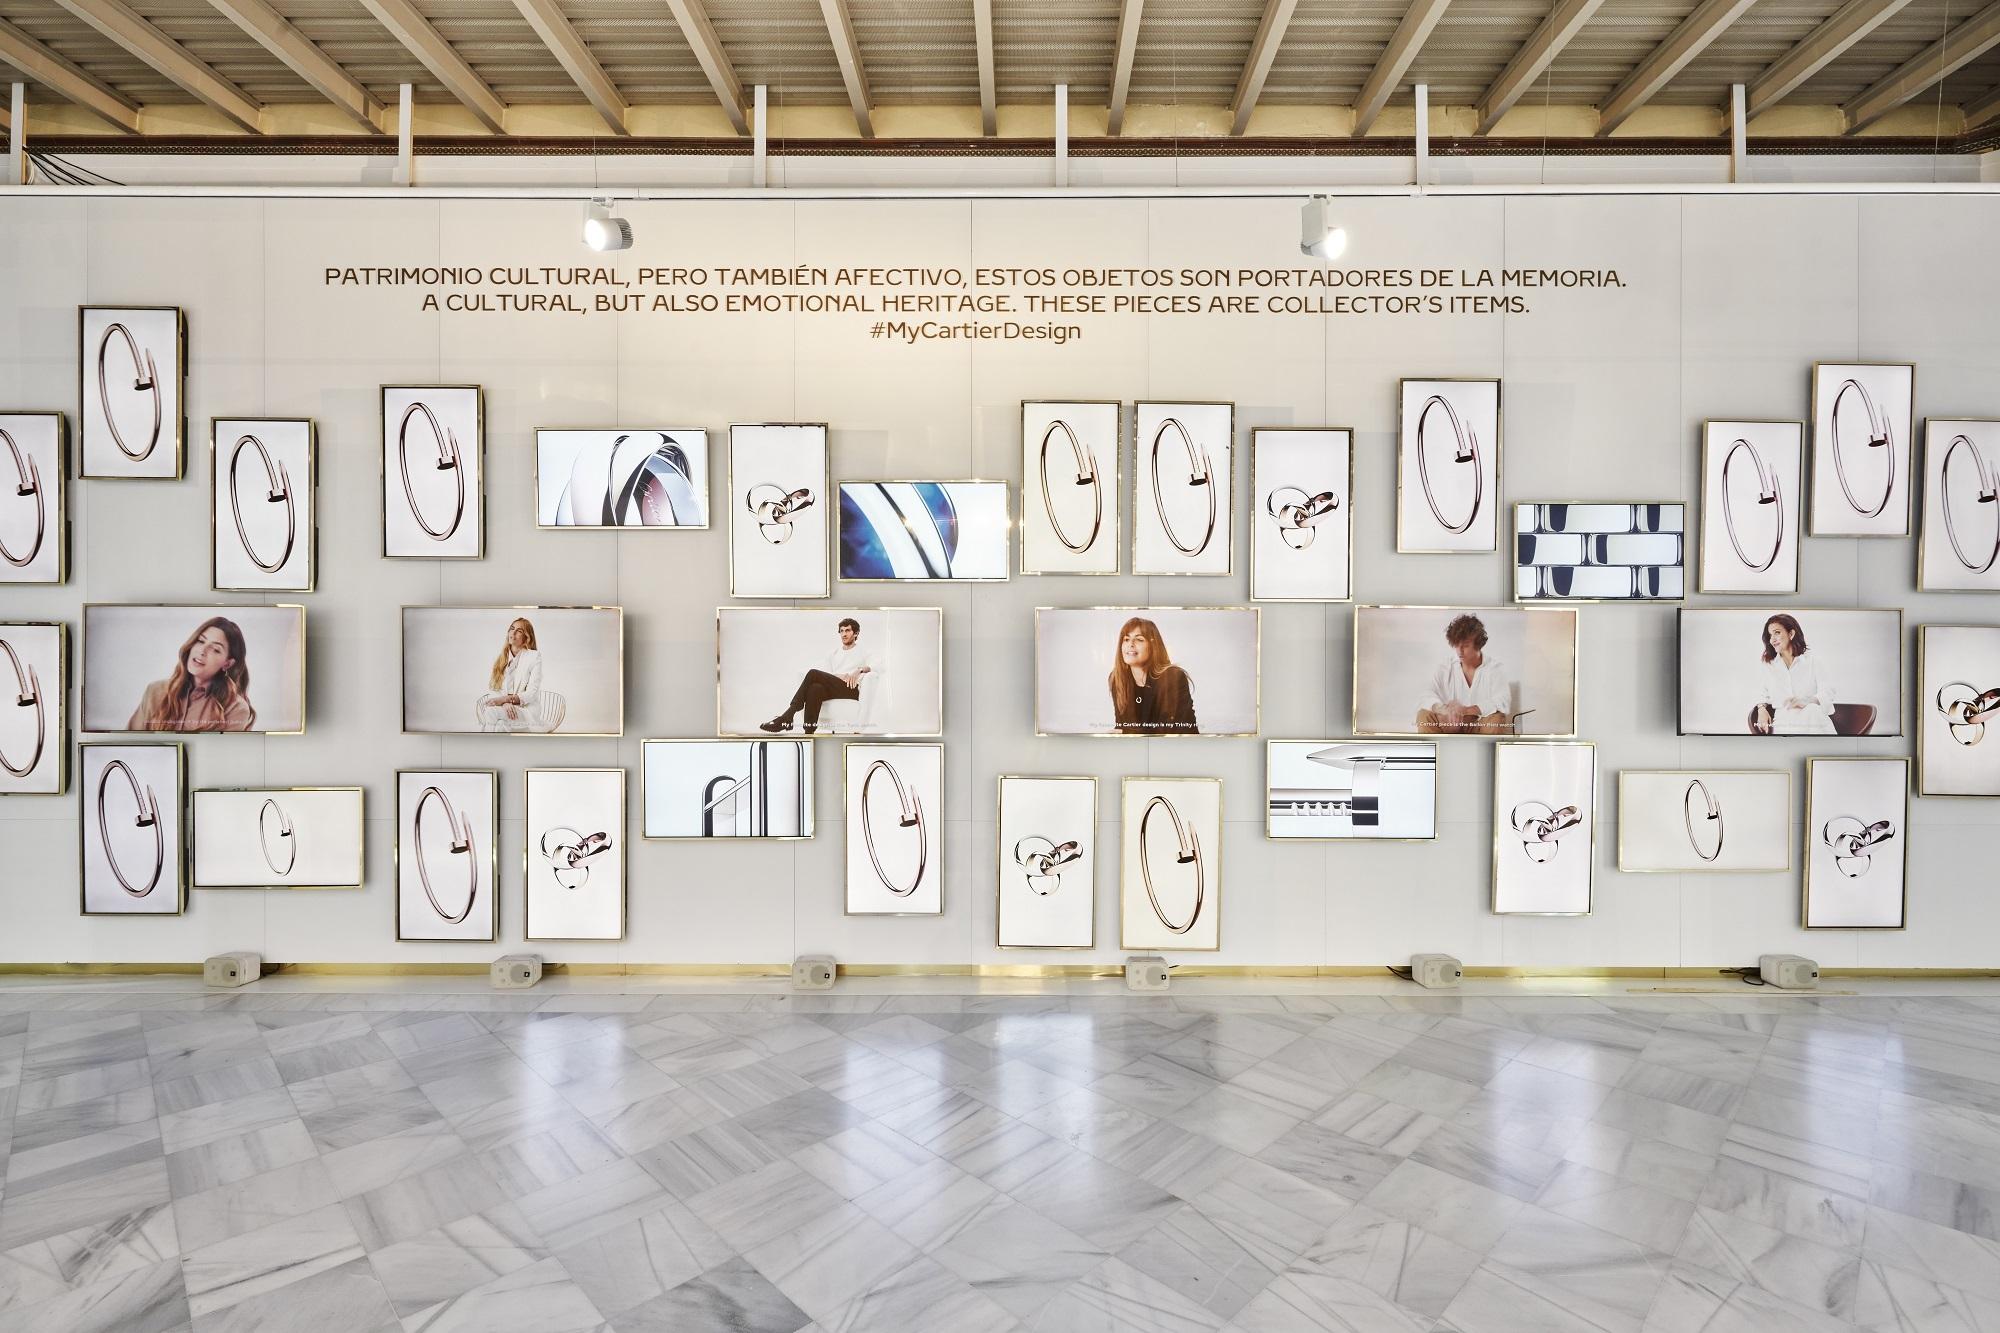 Fans de Cartier y su vínculo con las piezas.